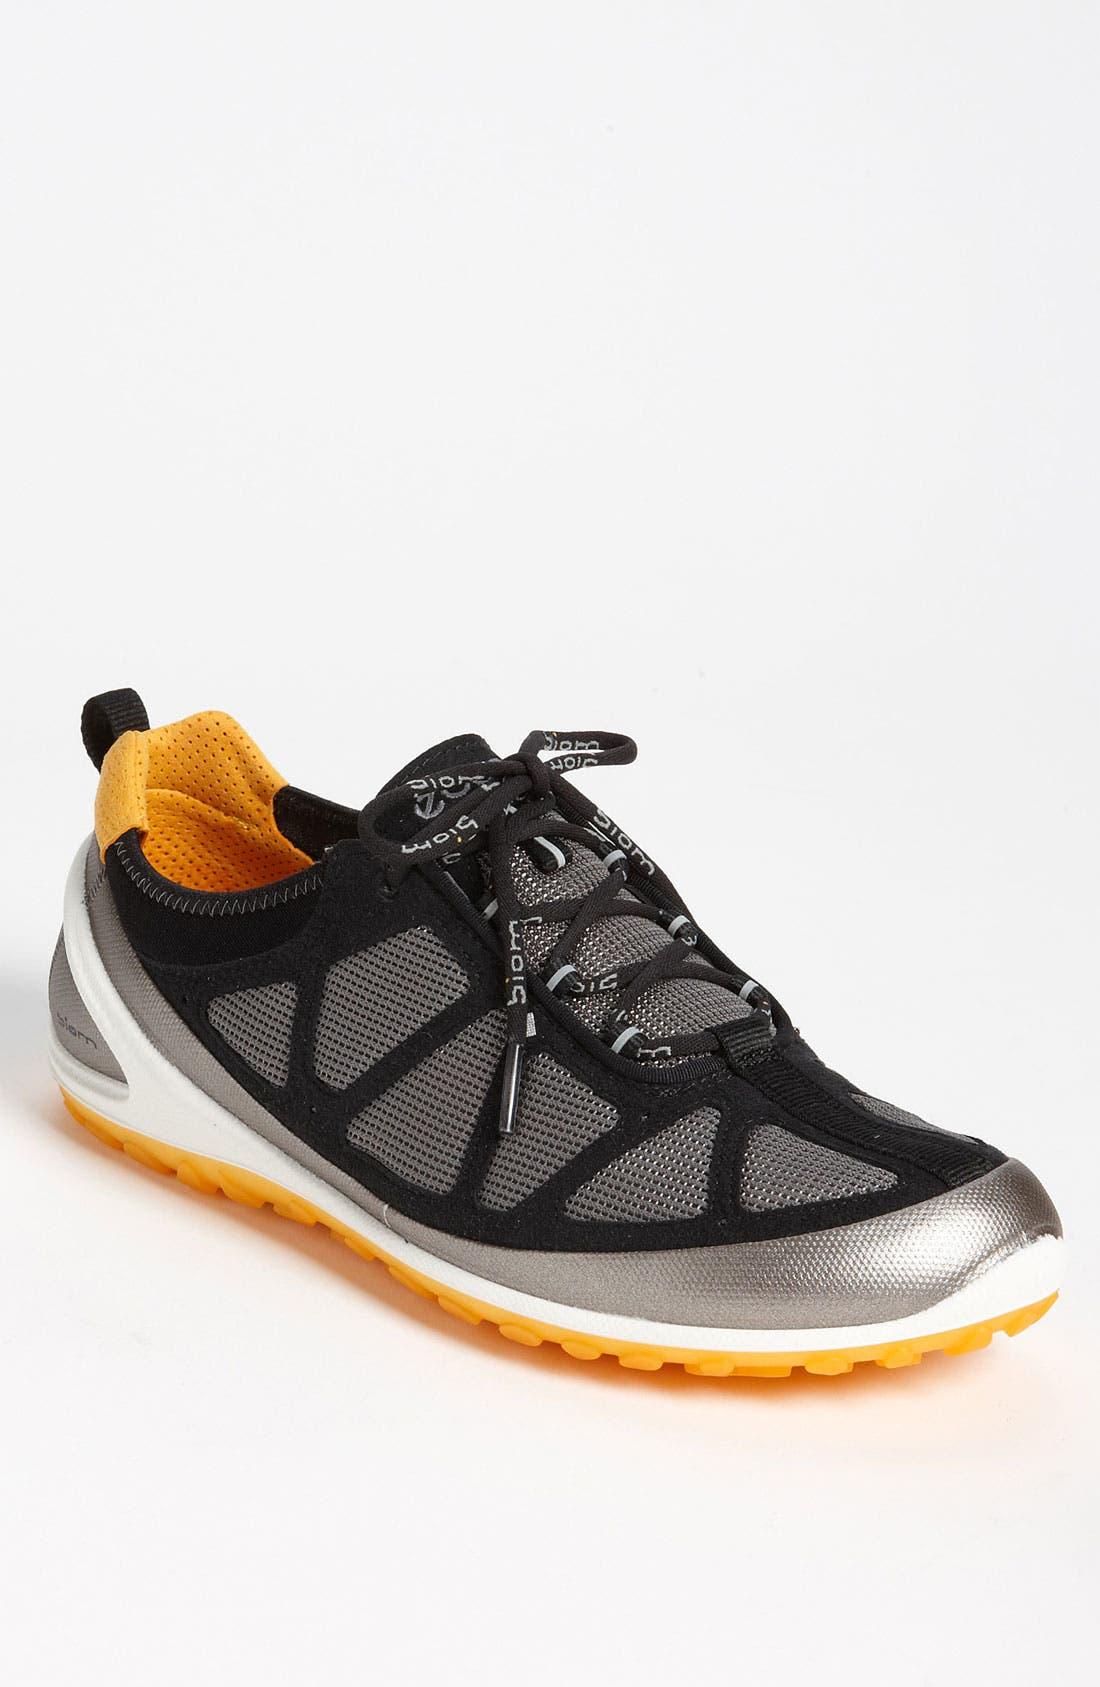 Alternate Image 1 Selected - ECCO 'Biom Lite 1.3' Sneaker (Men)